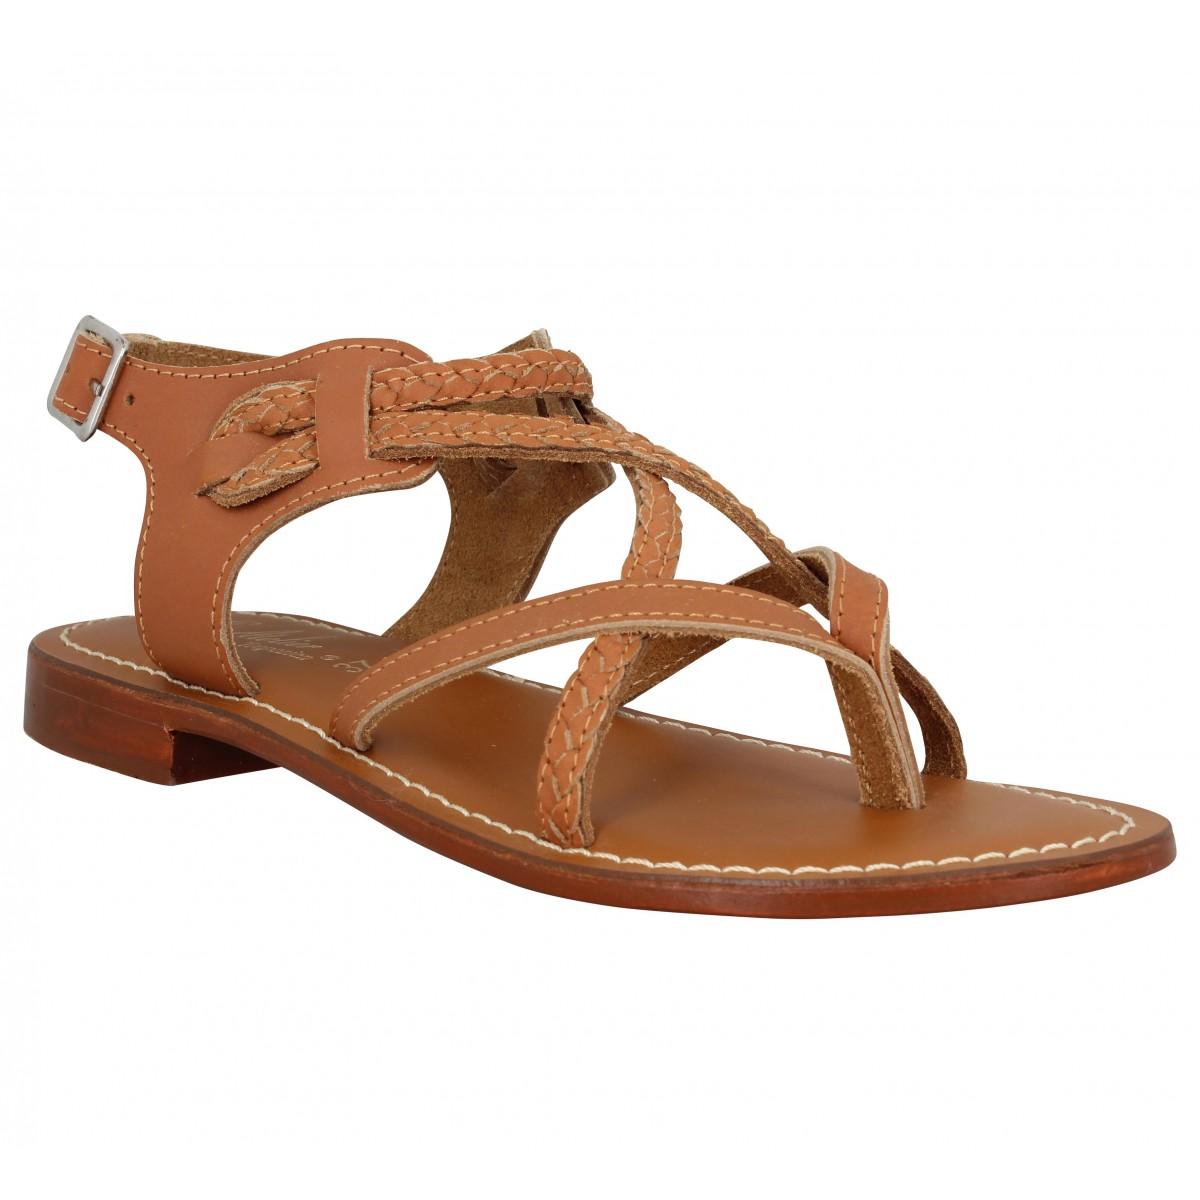 Nu-pieds L'ATELIER TROPEZIEN SH601 cuir Femme Tan